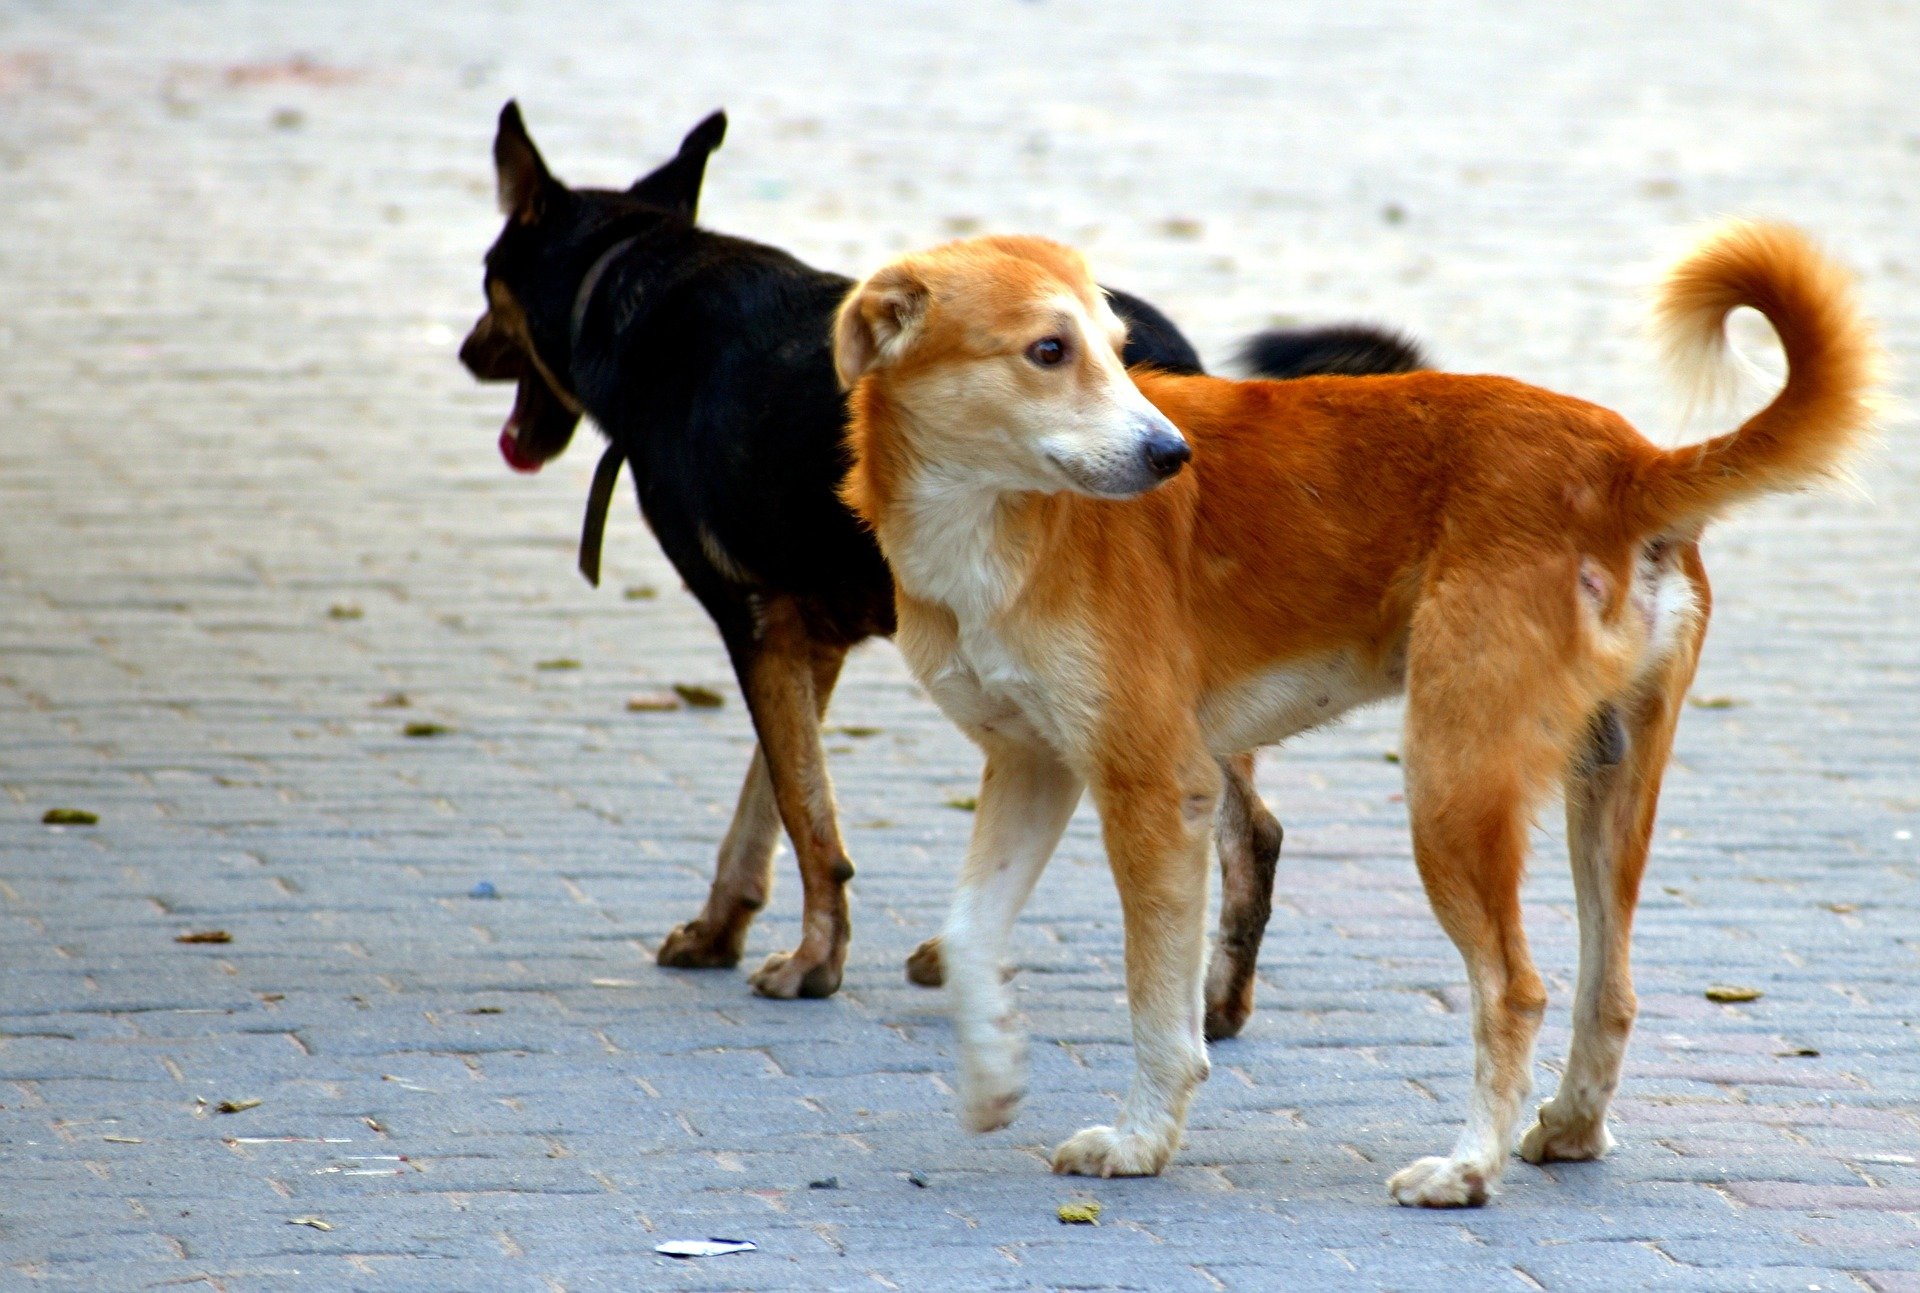 Kolbuszowska policja przyjmuje coraz więcej zgłoszeń o bezpańskich psach  - Zdjęcie główne